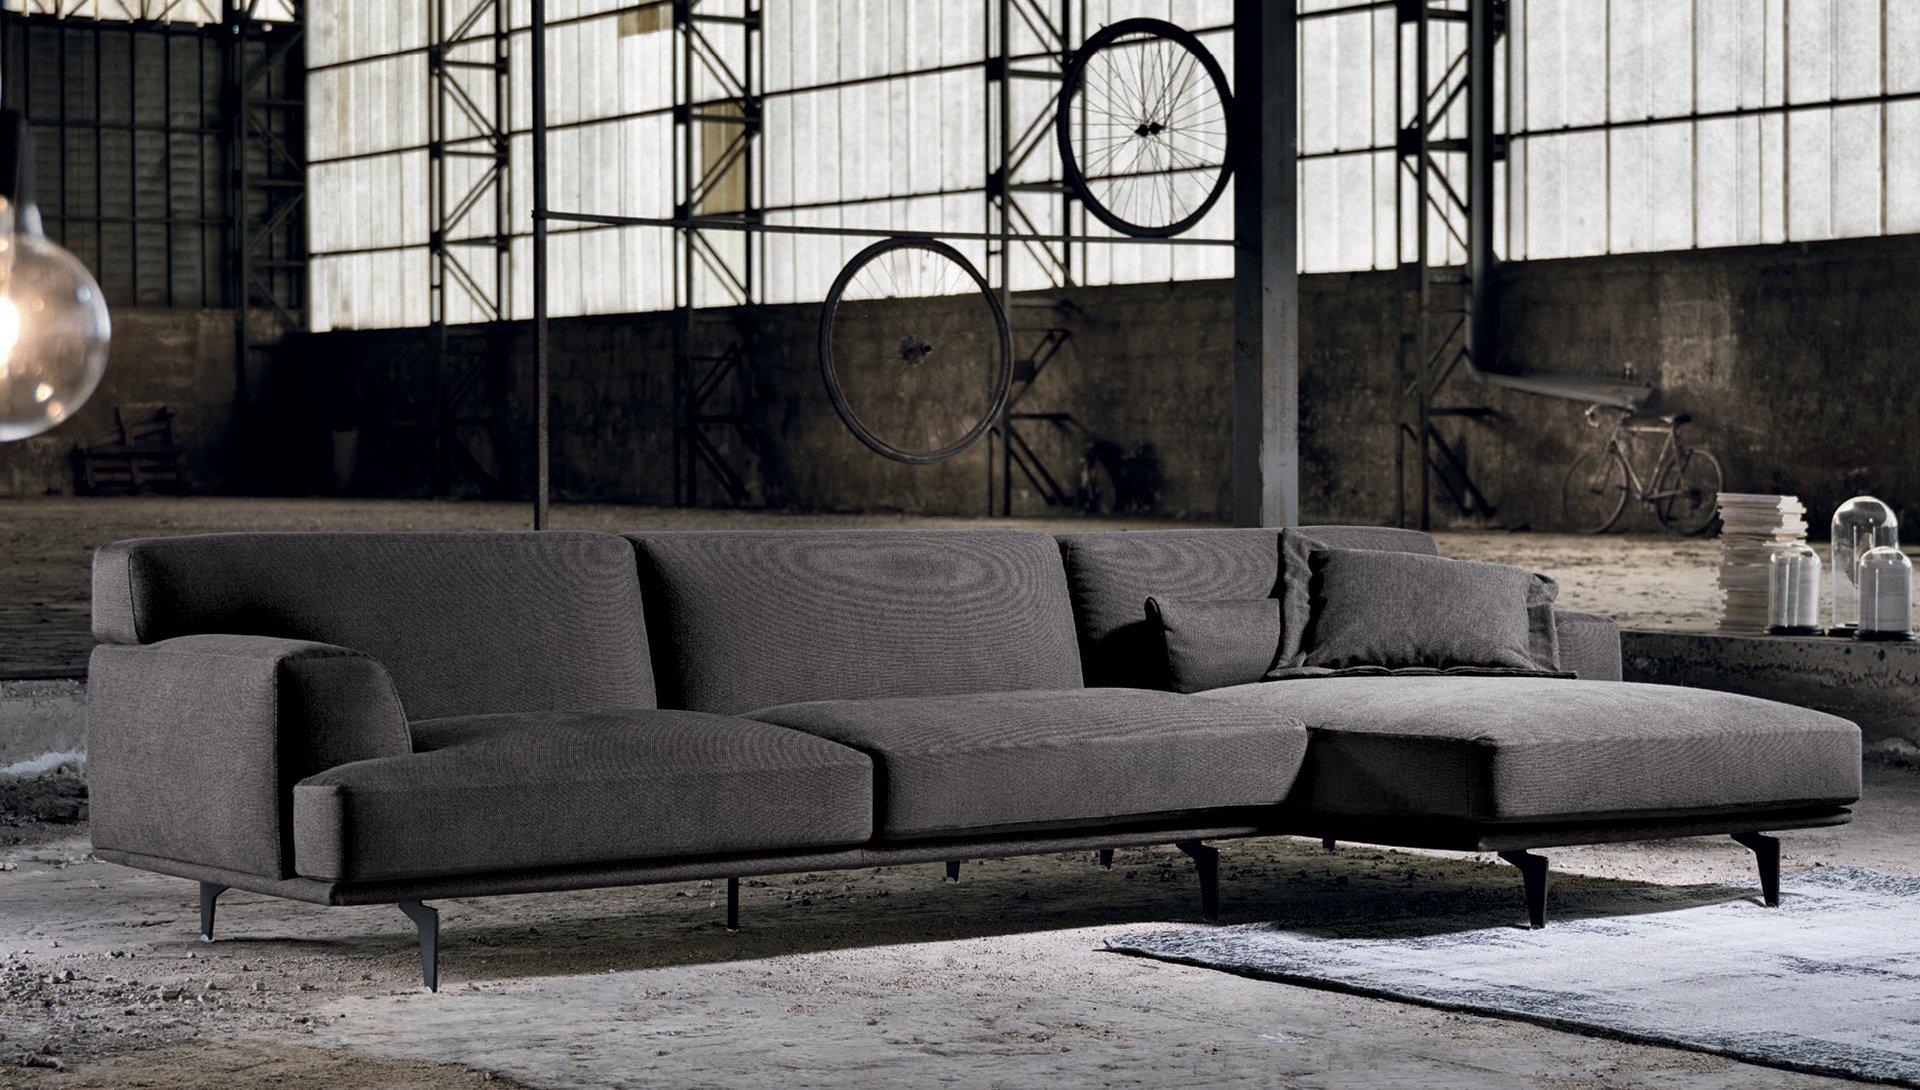 Divano Salina, scheda informazioni, divano collezione moderna